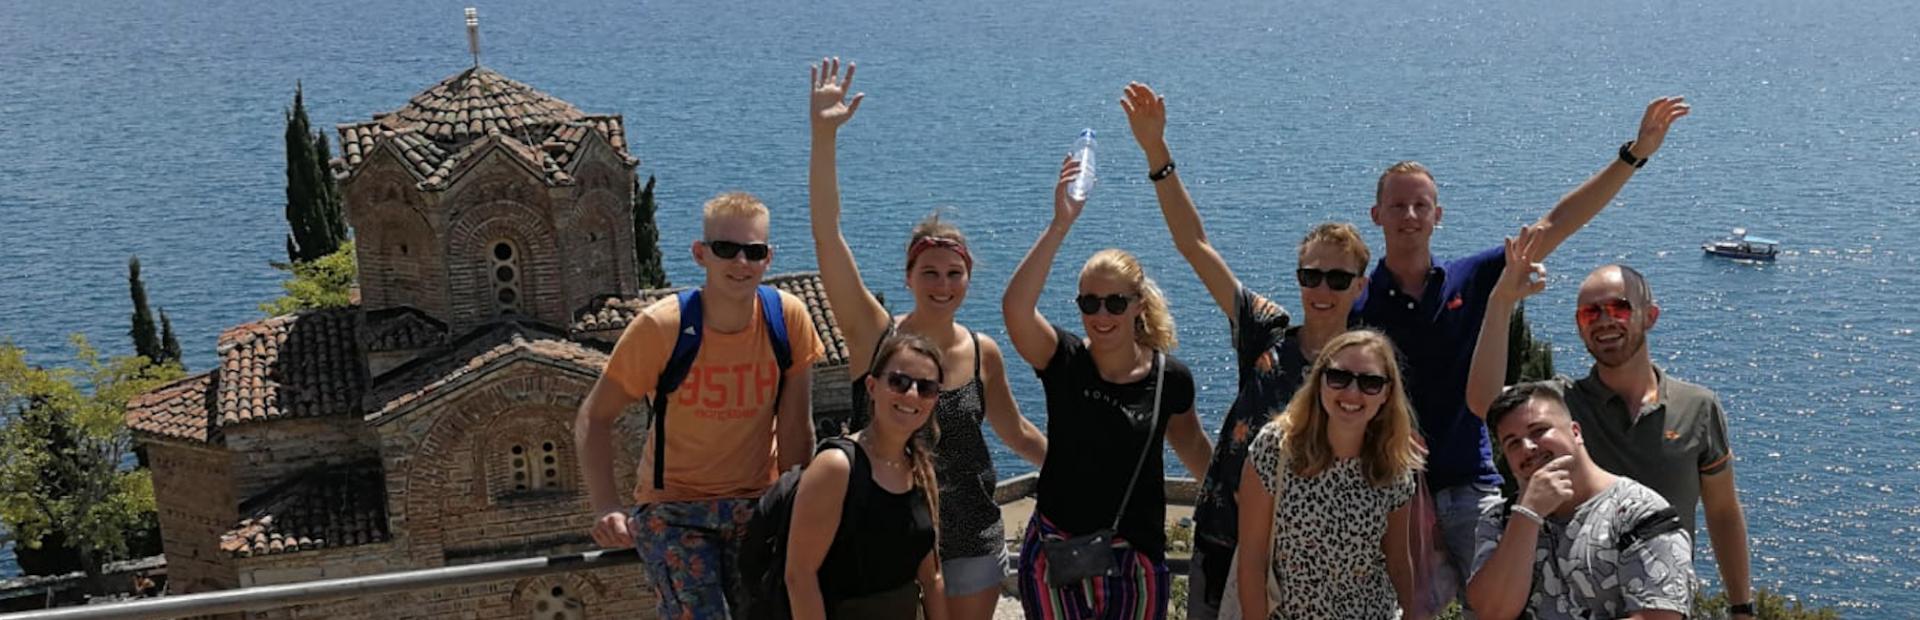 Macedonië relaxvakantie 8 dagen